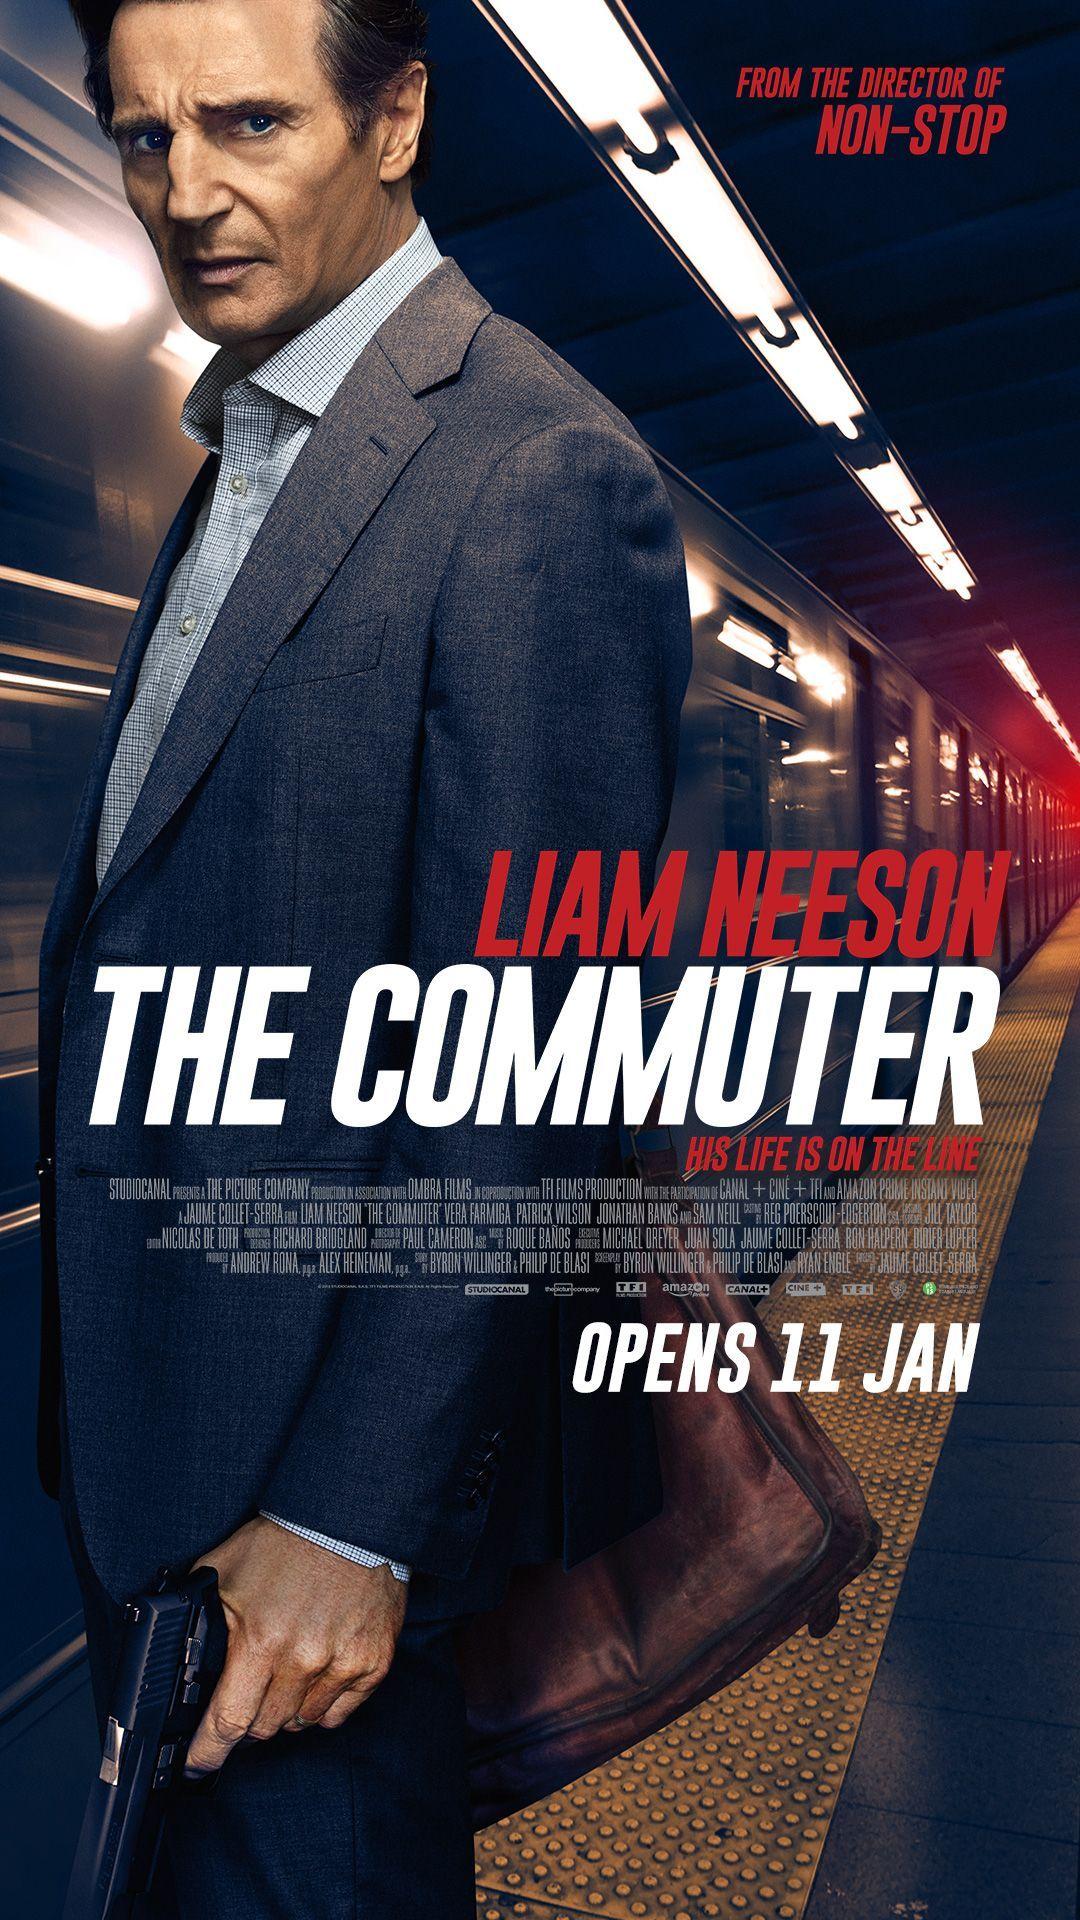 The Commuter - ceritanya mirip Liam Neeson di Non-Stop (kalo